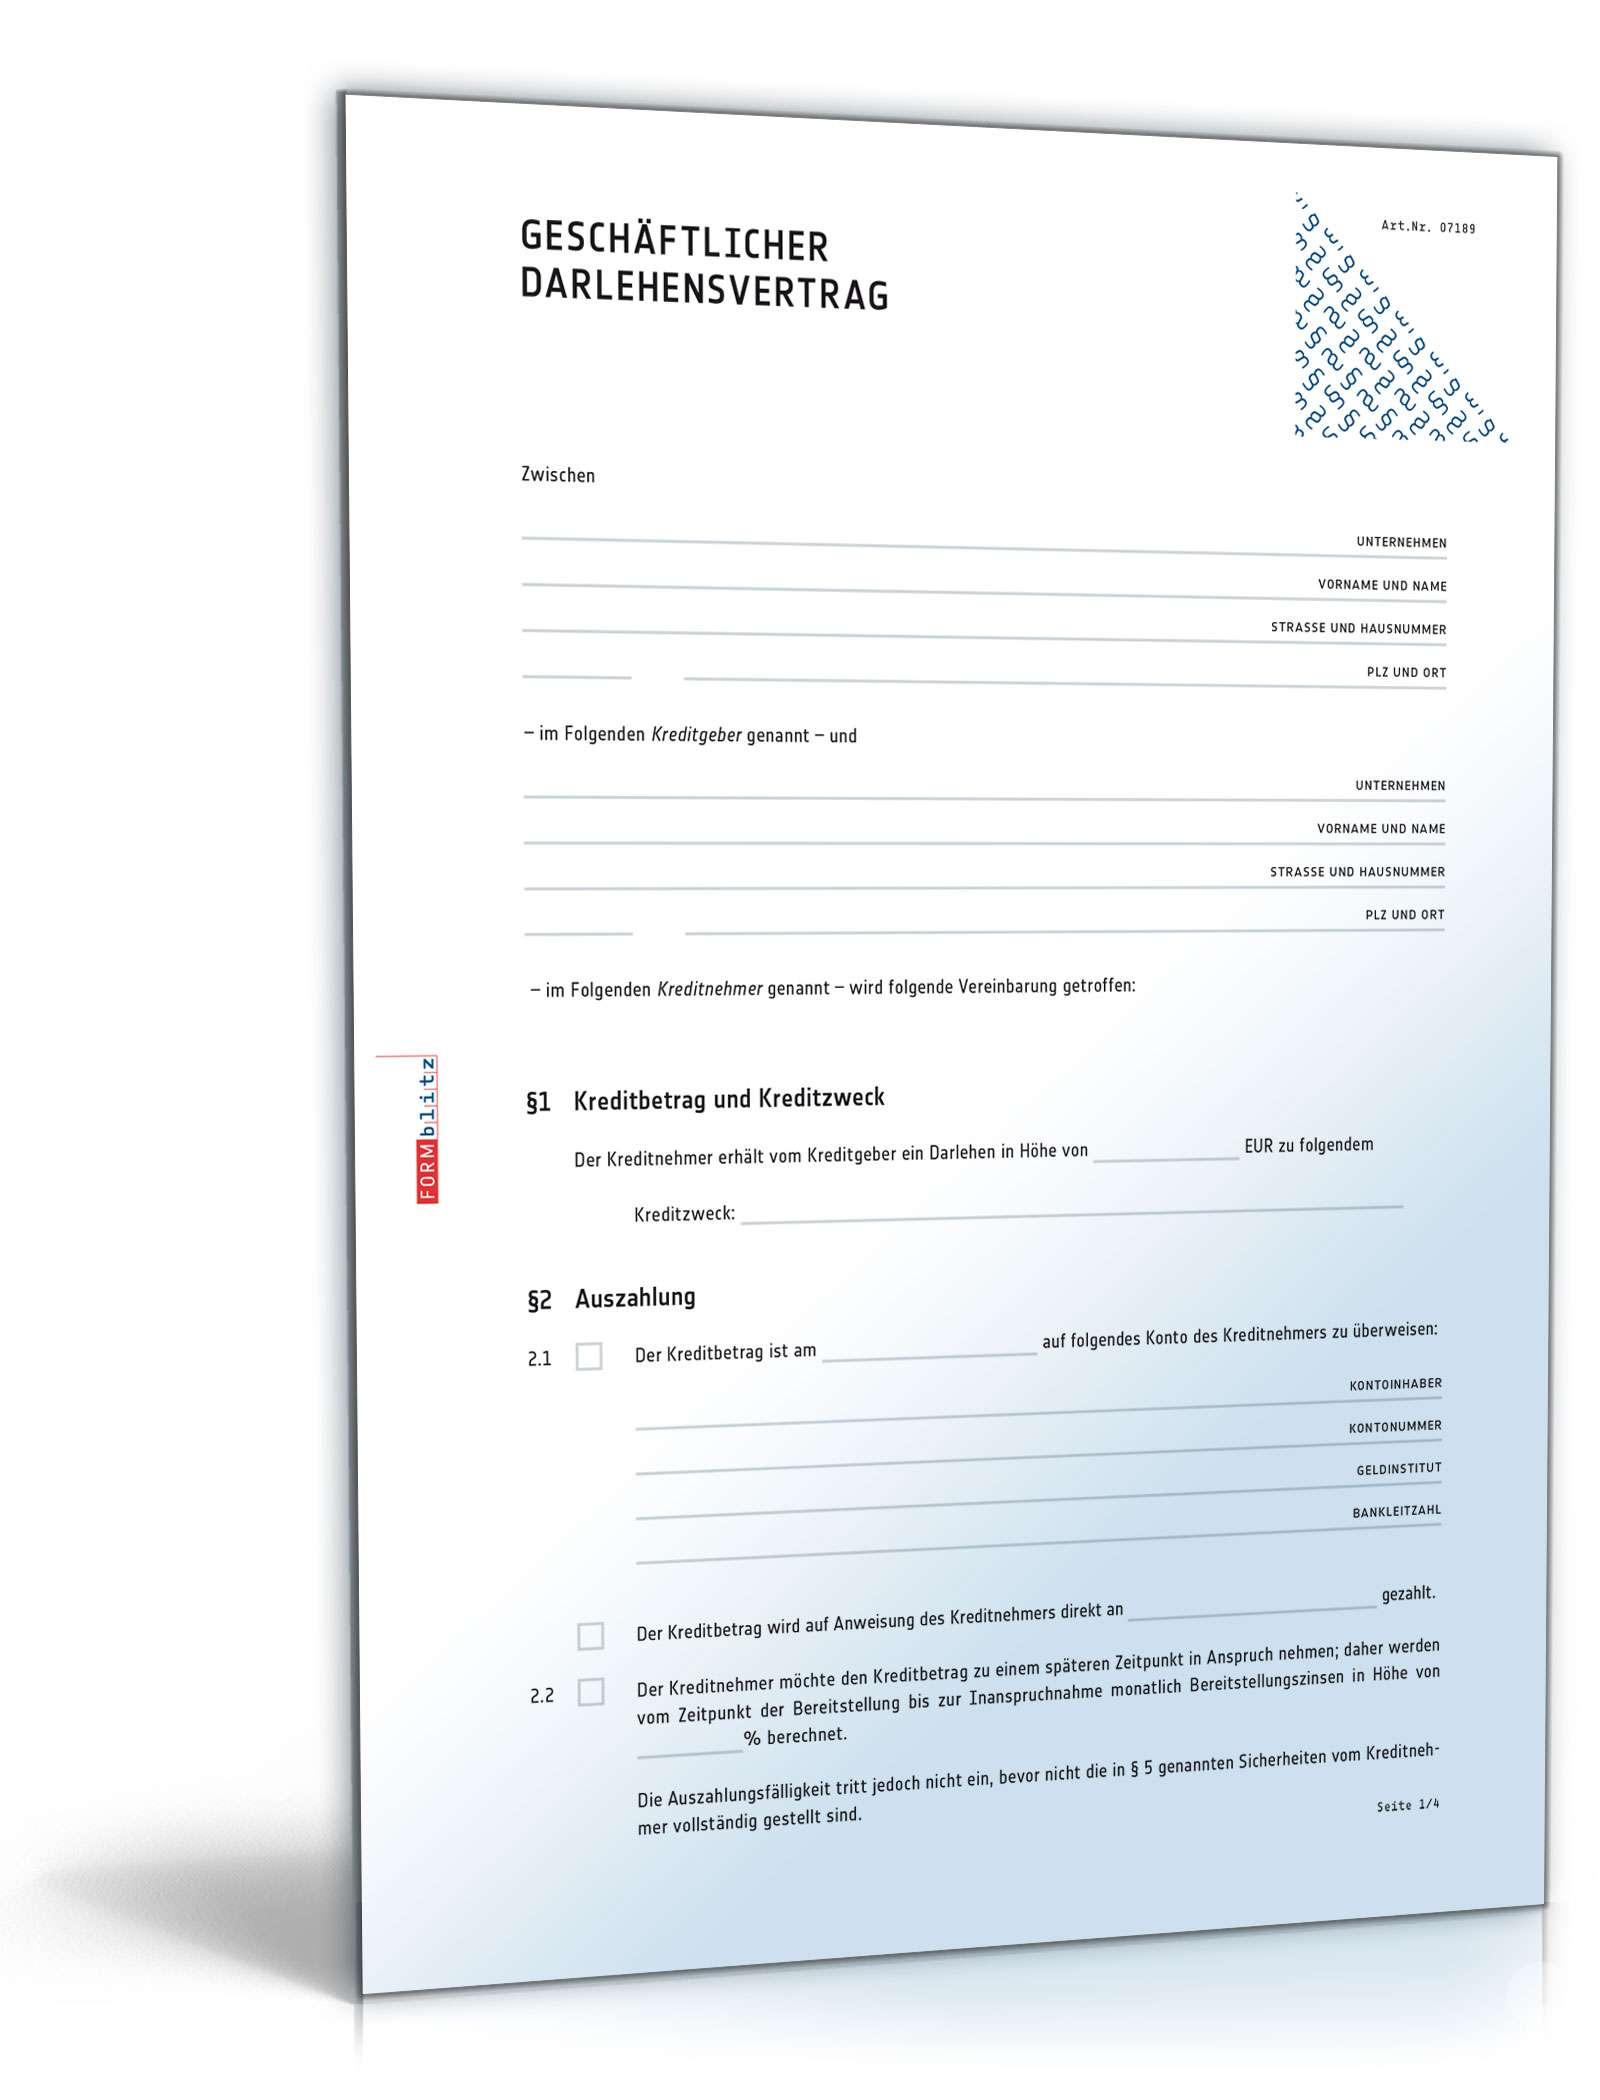 Geschäftlicher Darlehensvertrag Muster Vorlage Zum Download